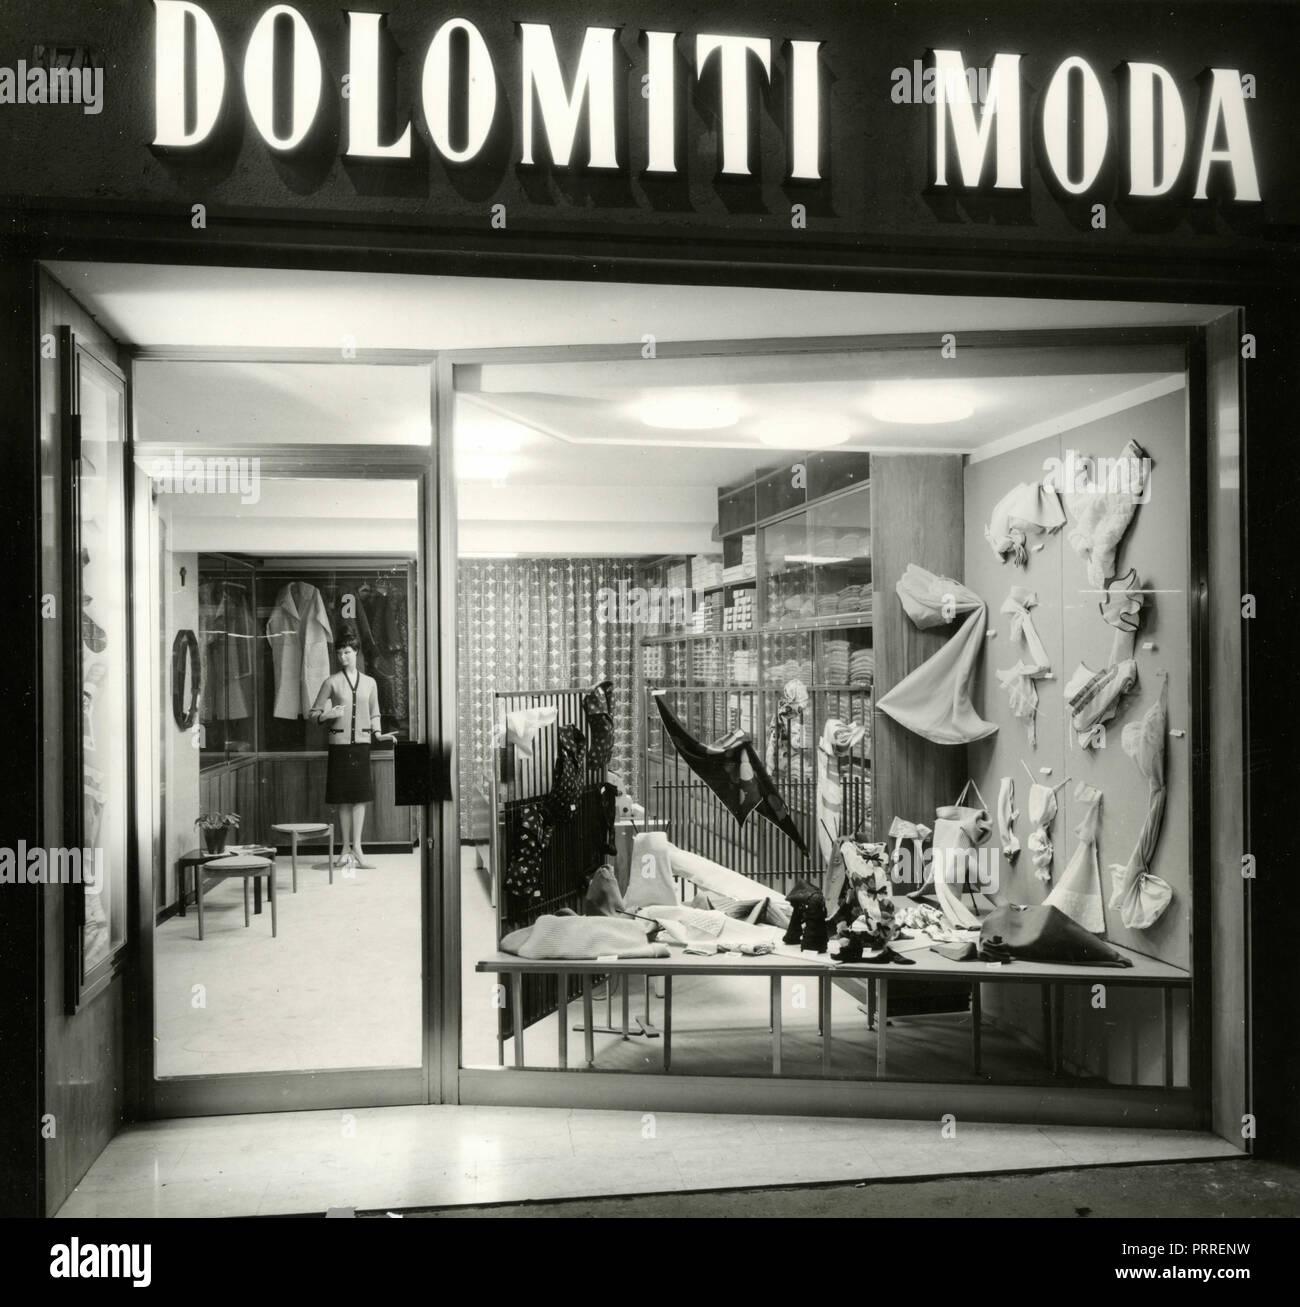 Las ventanas de la tienda Dolomiti Moda, Bolzano, Italia 1960 Imagen De Stock